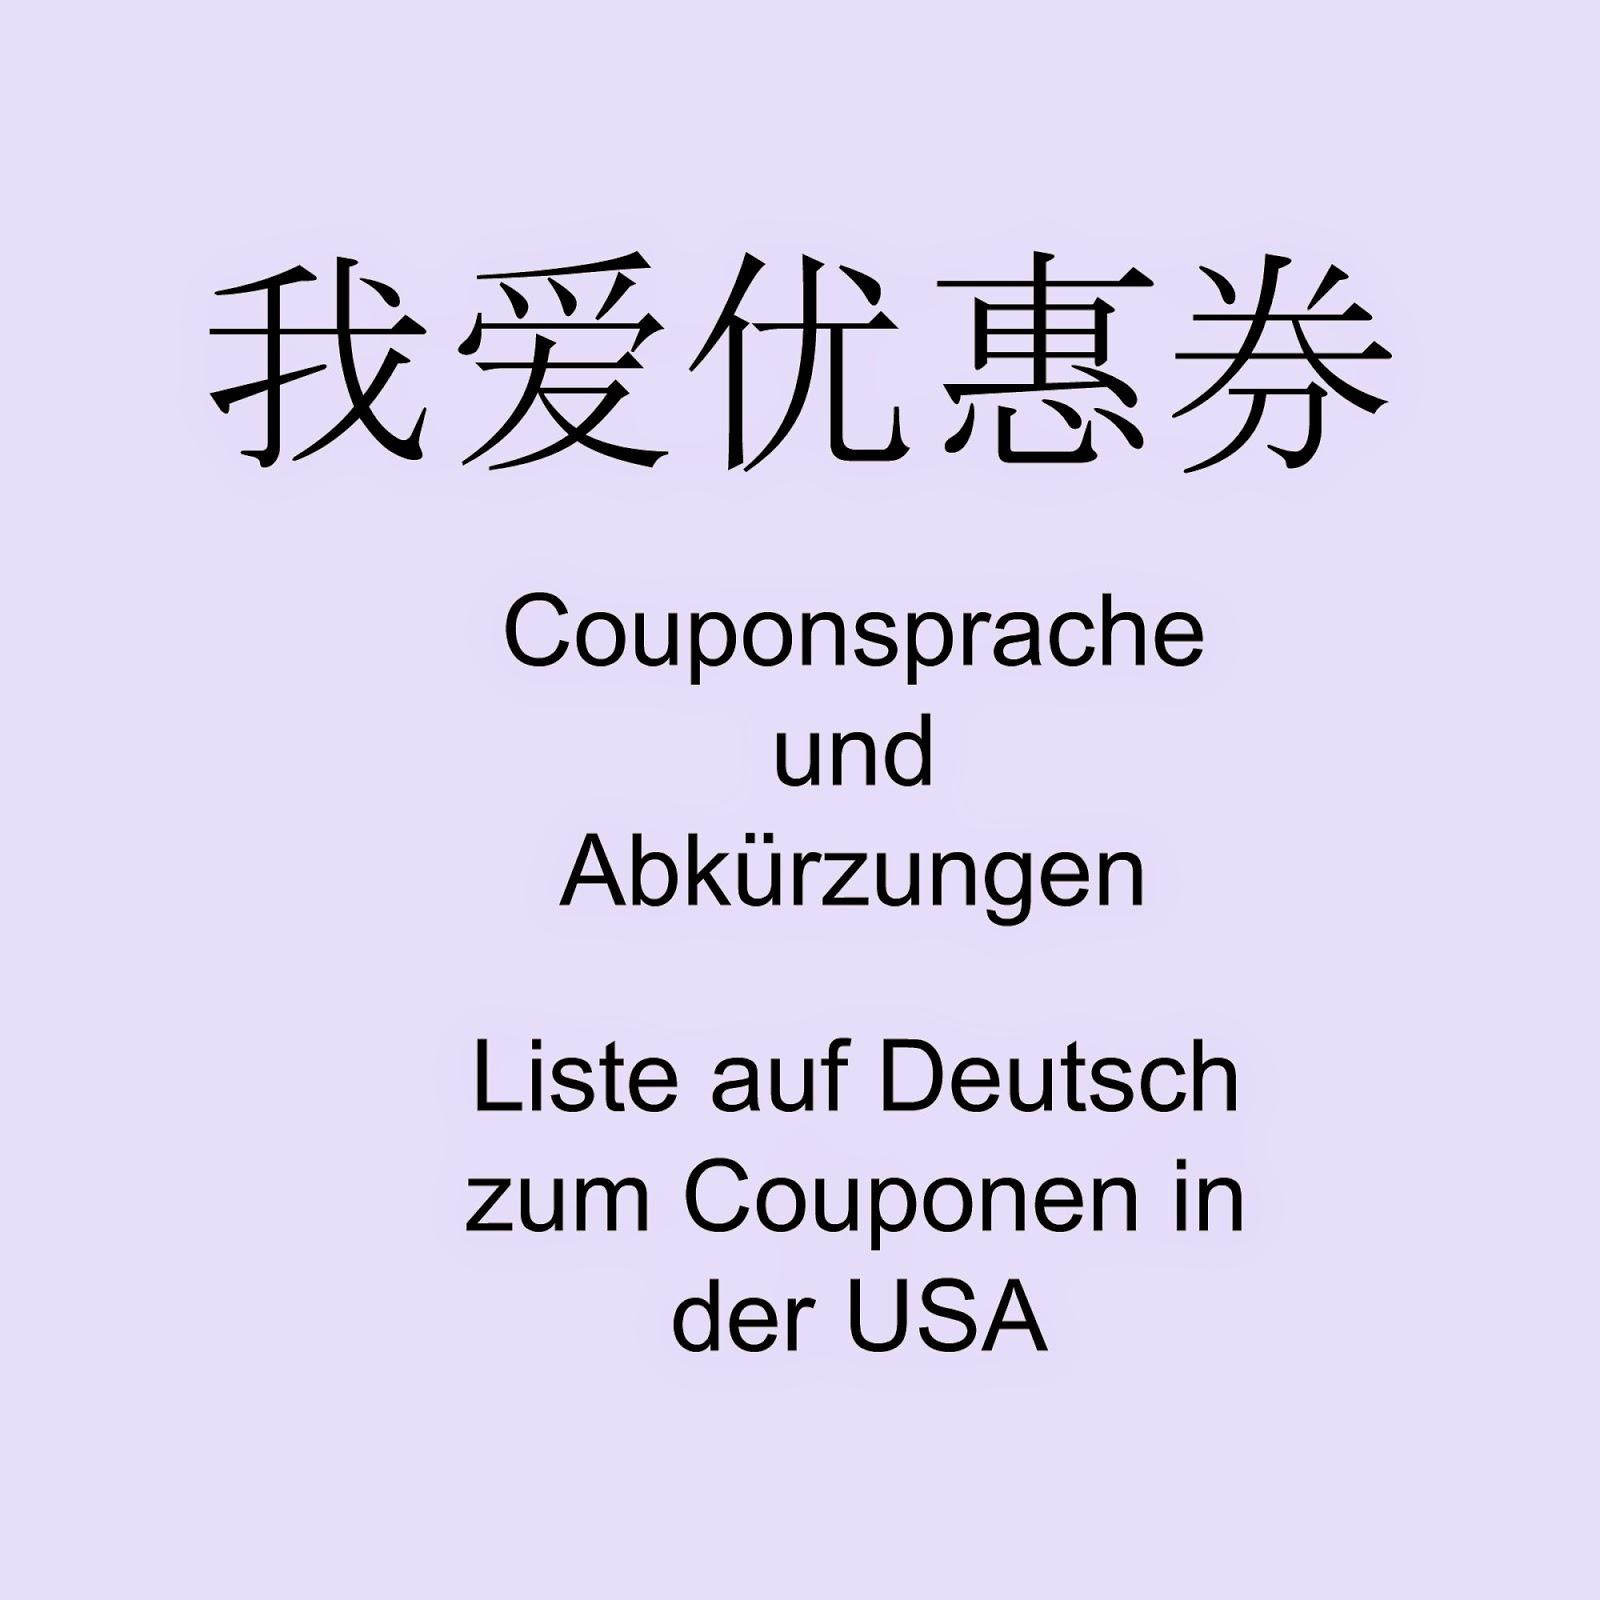 Abkürzungen und Fachbegriffe auf Deutsch